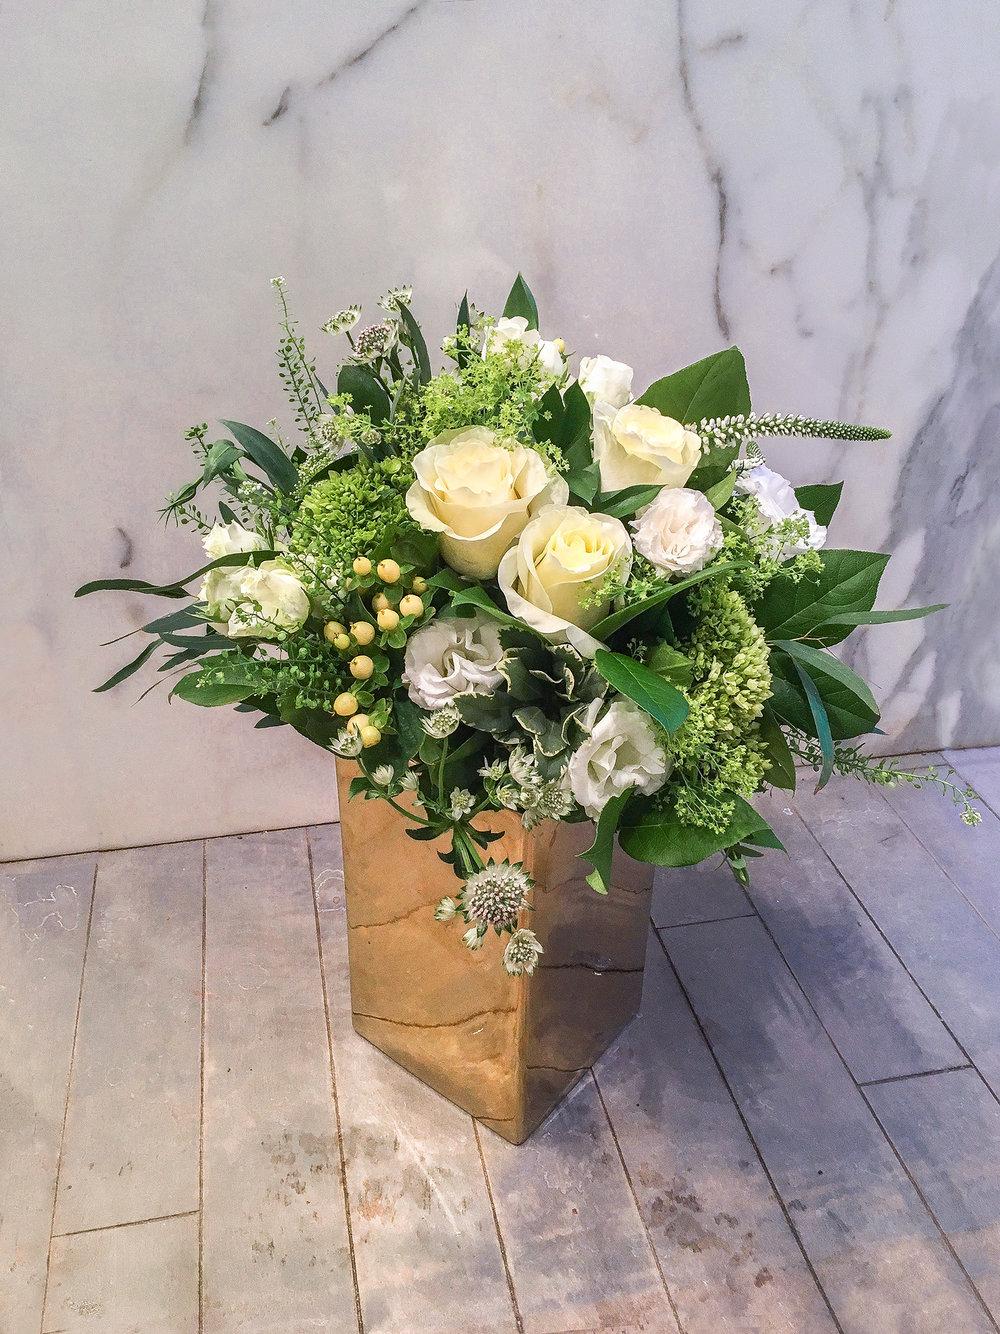 180212_bouquet2.jpg